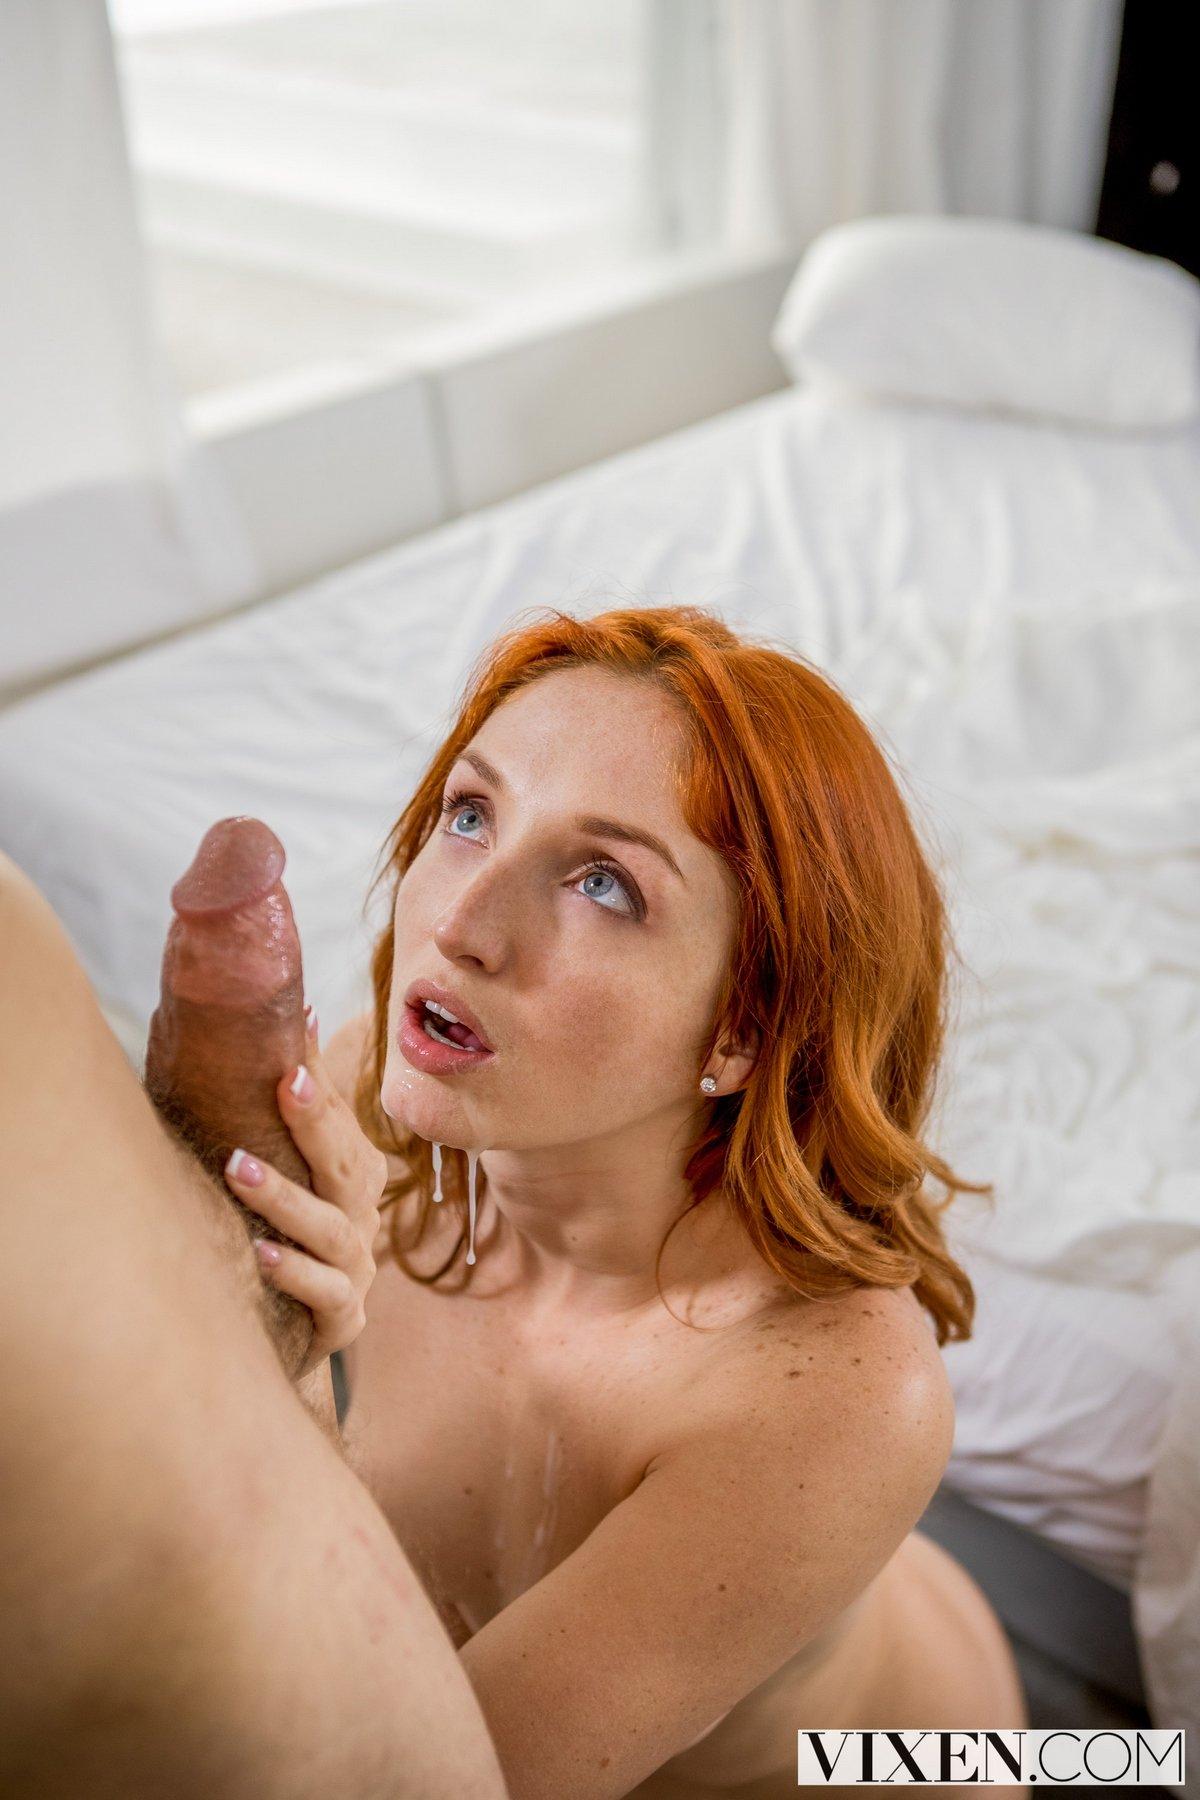 Кончает члене секс видео с рыжей в спальне фото знаменитостей